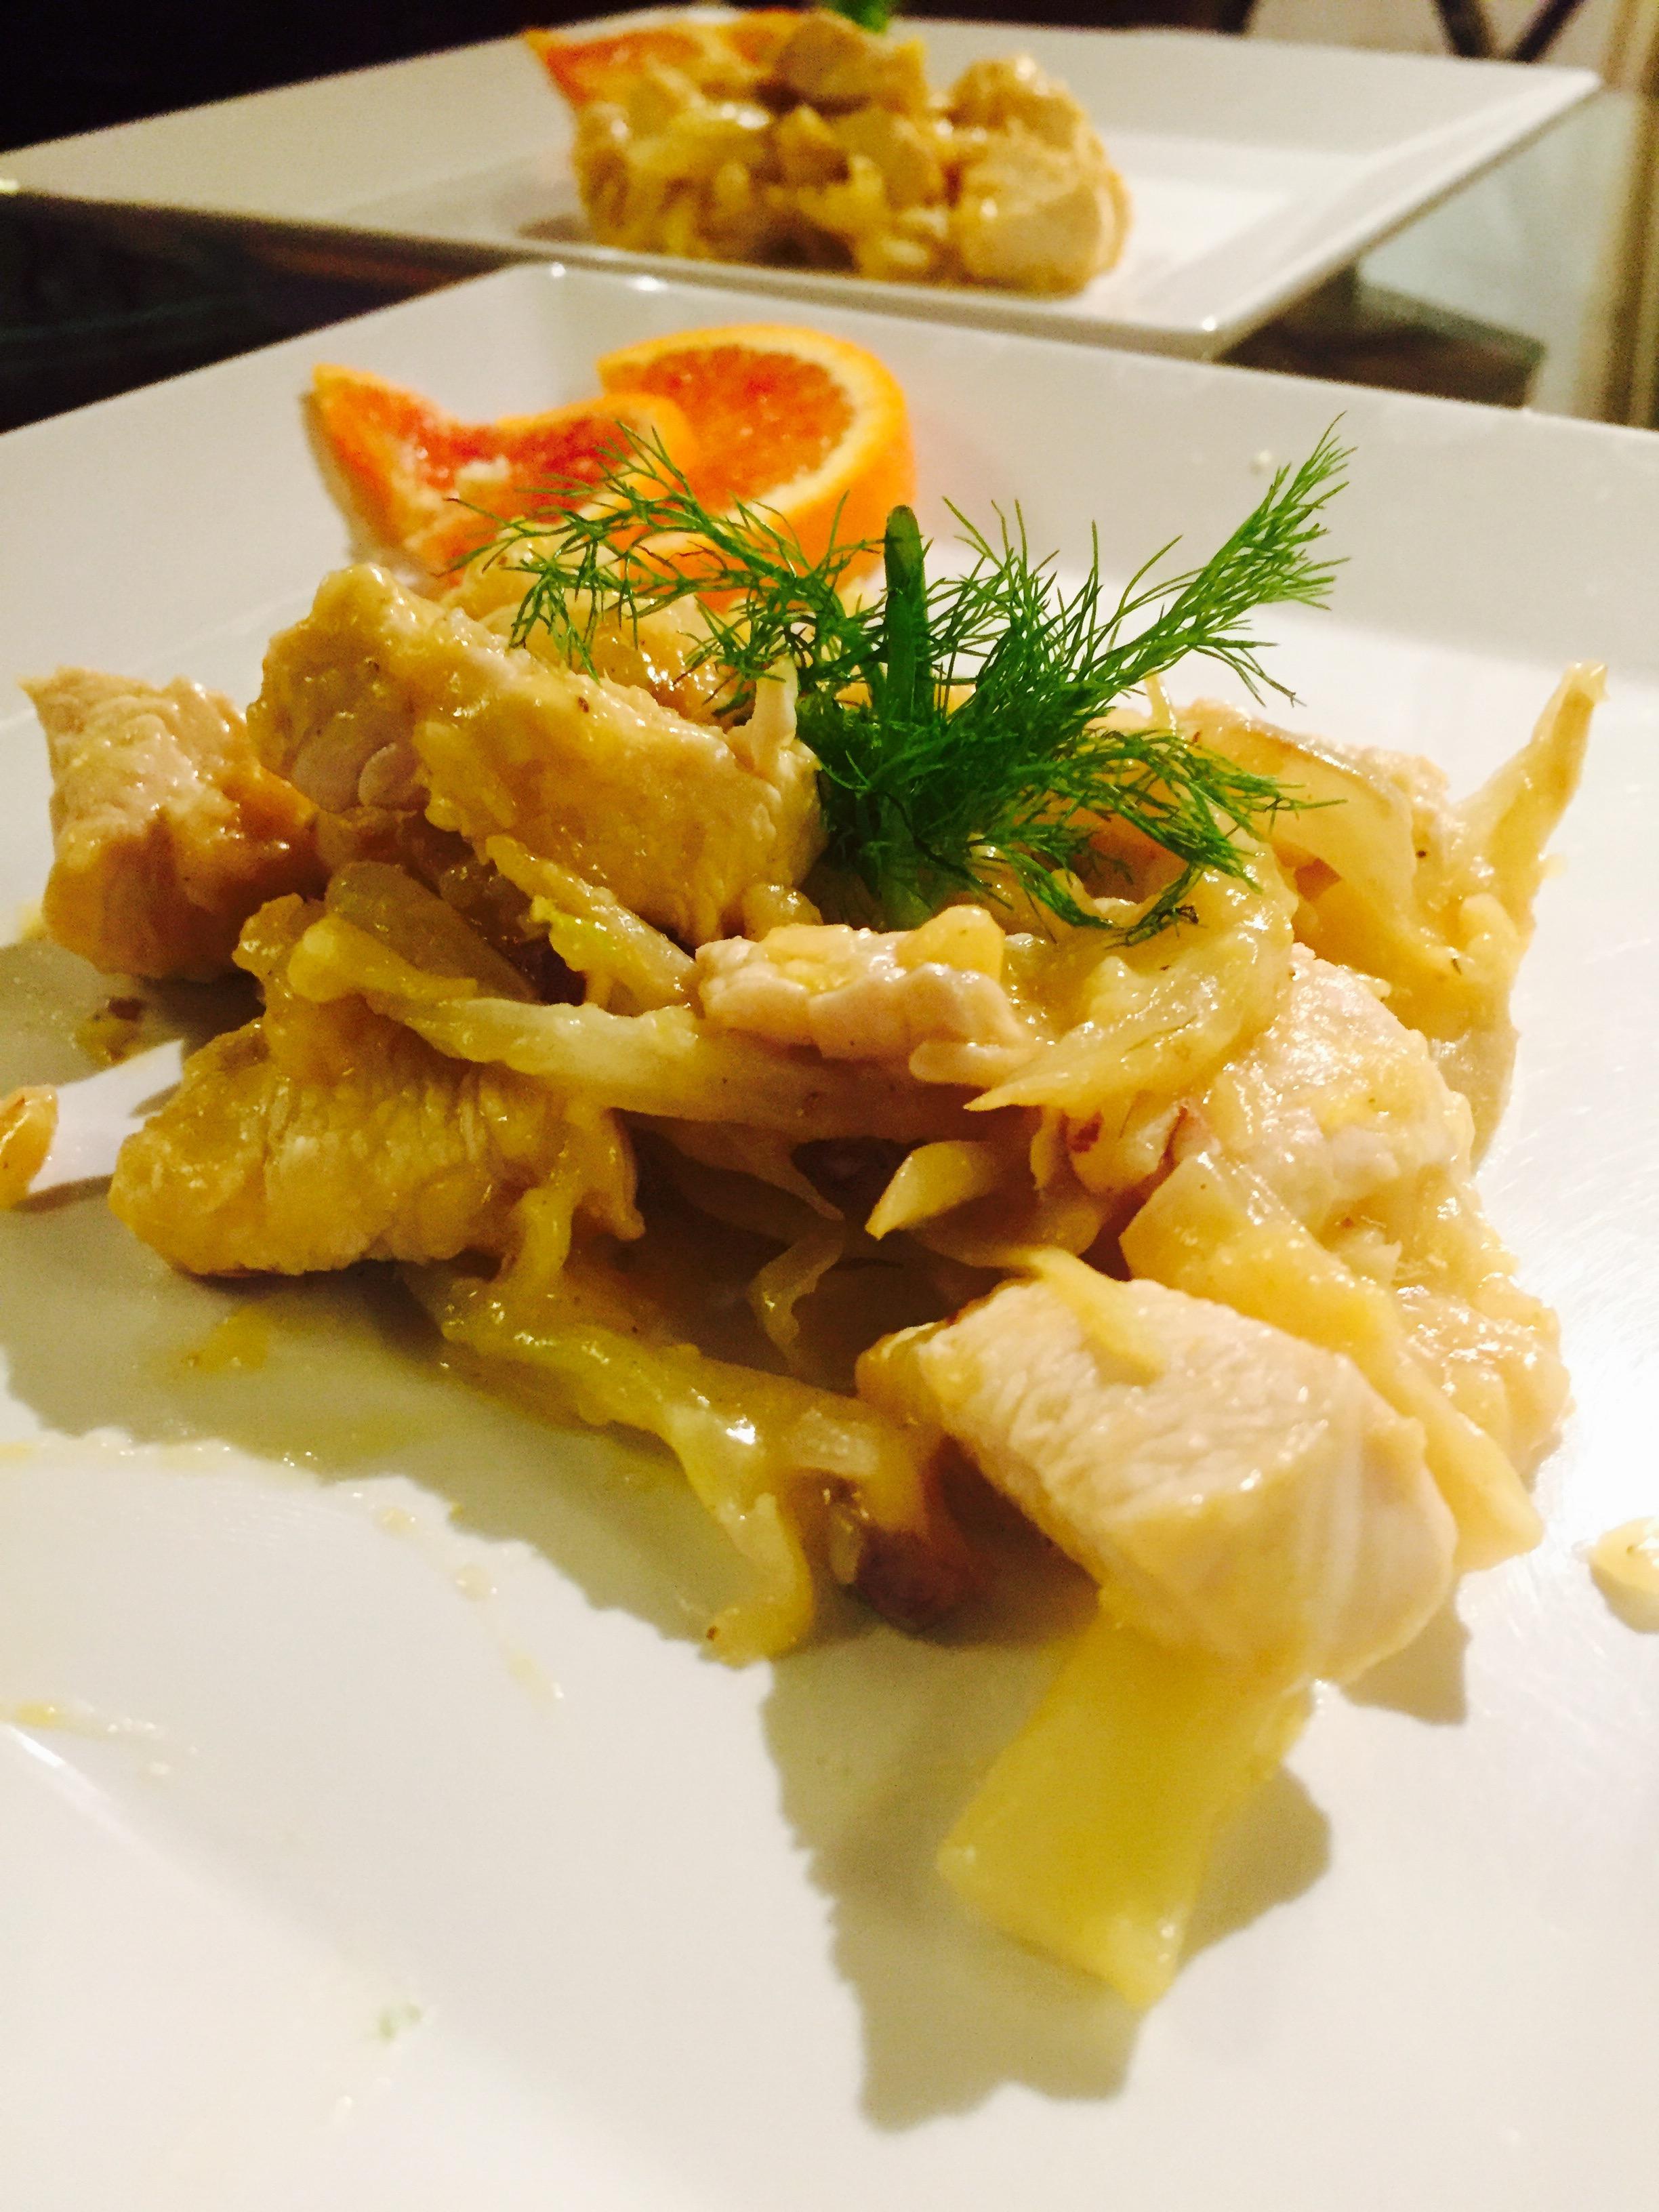 Bocconcini di pollo con  finocchi salsa di arance e mandorle croccanti